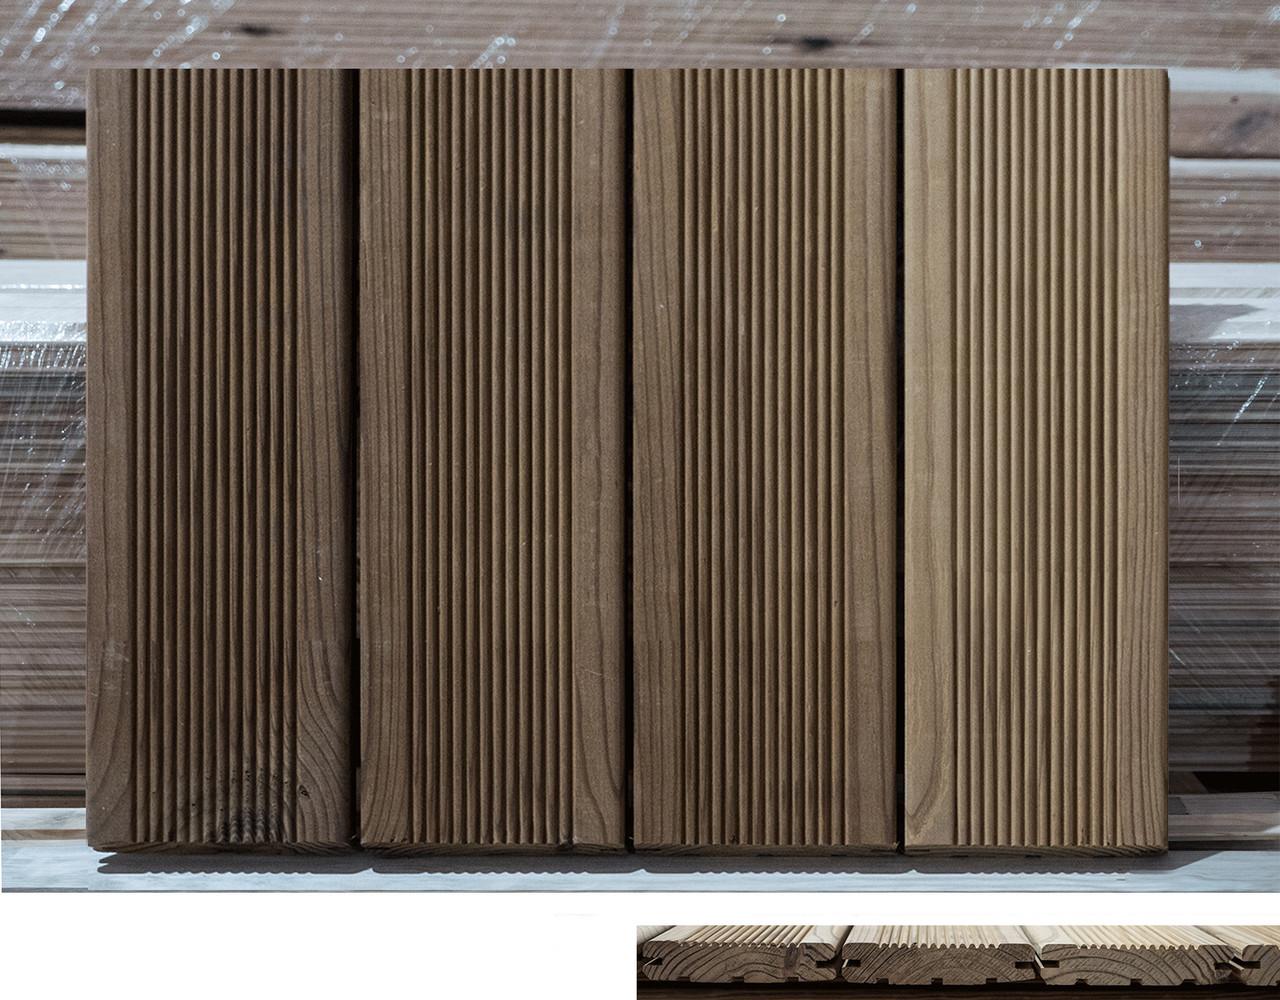 Террасная доска из термообработанной древесины.